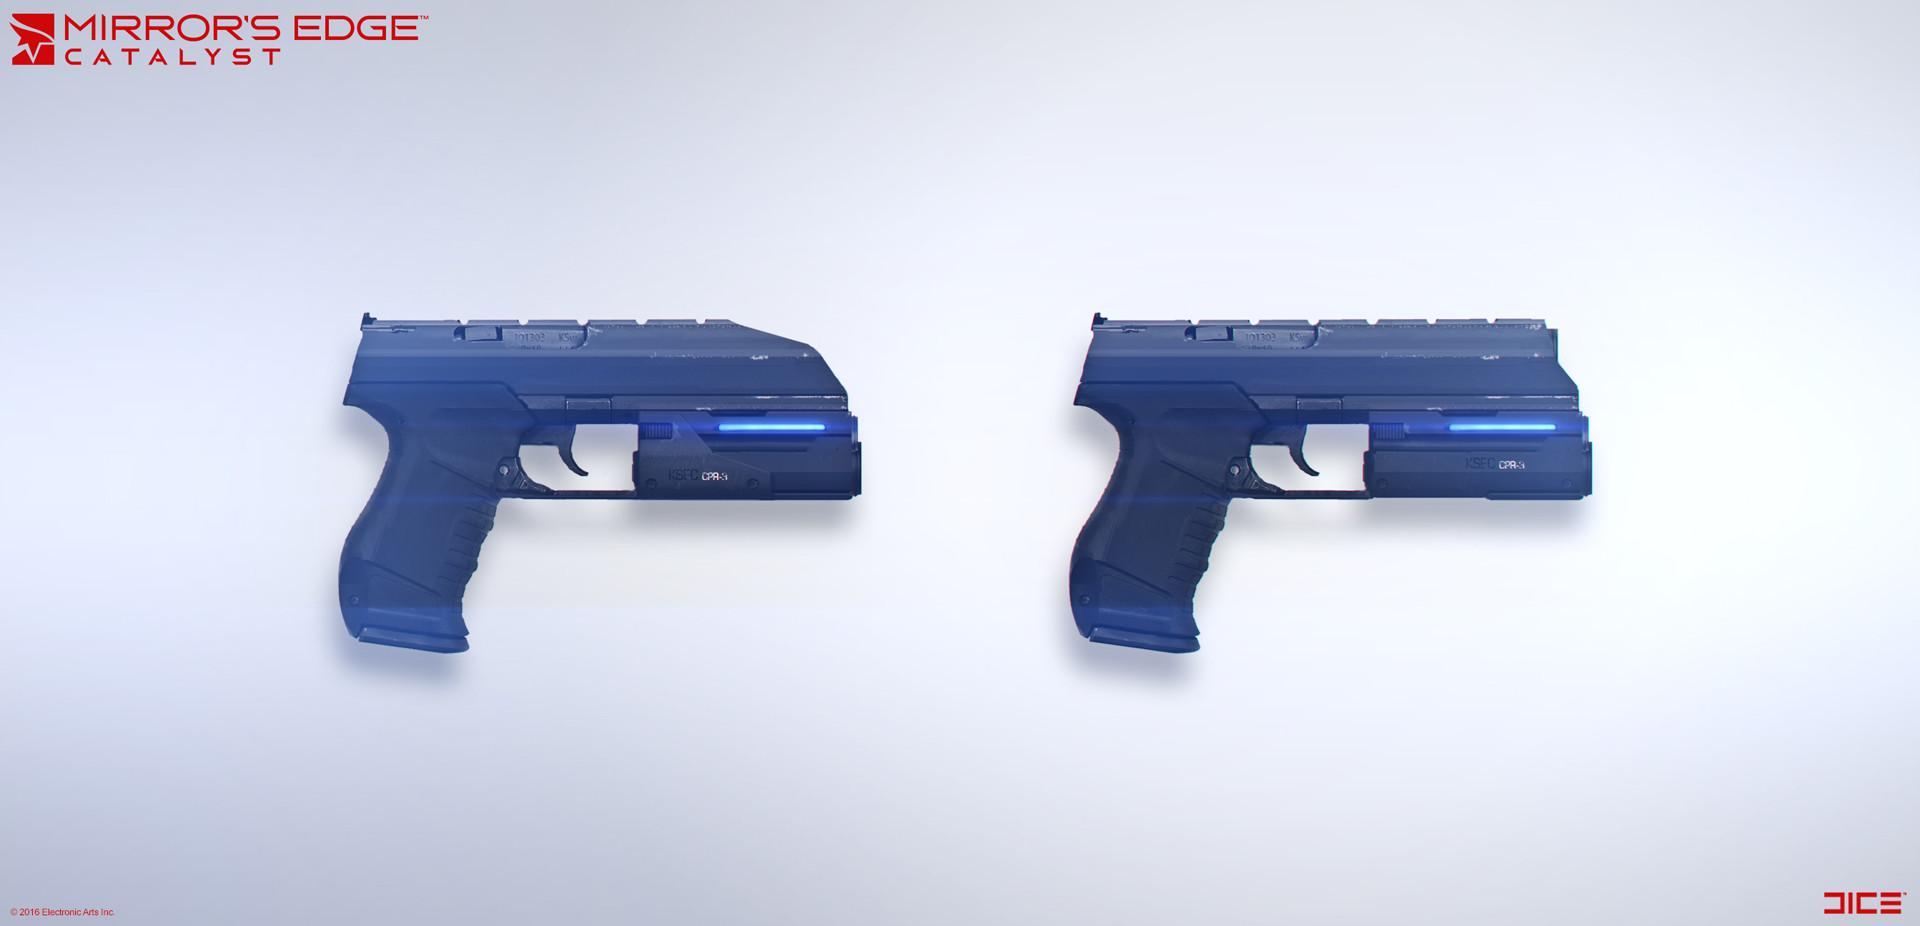 Per haagensen ksec weapons concept 03